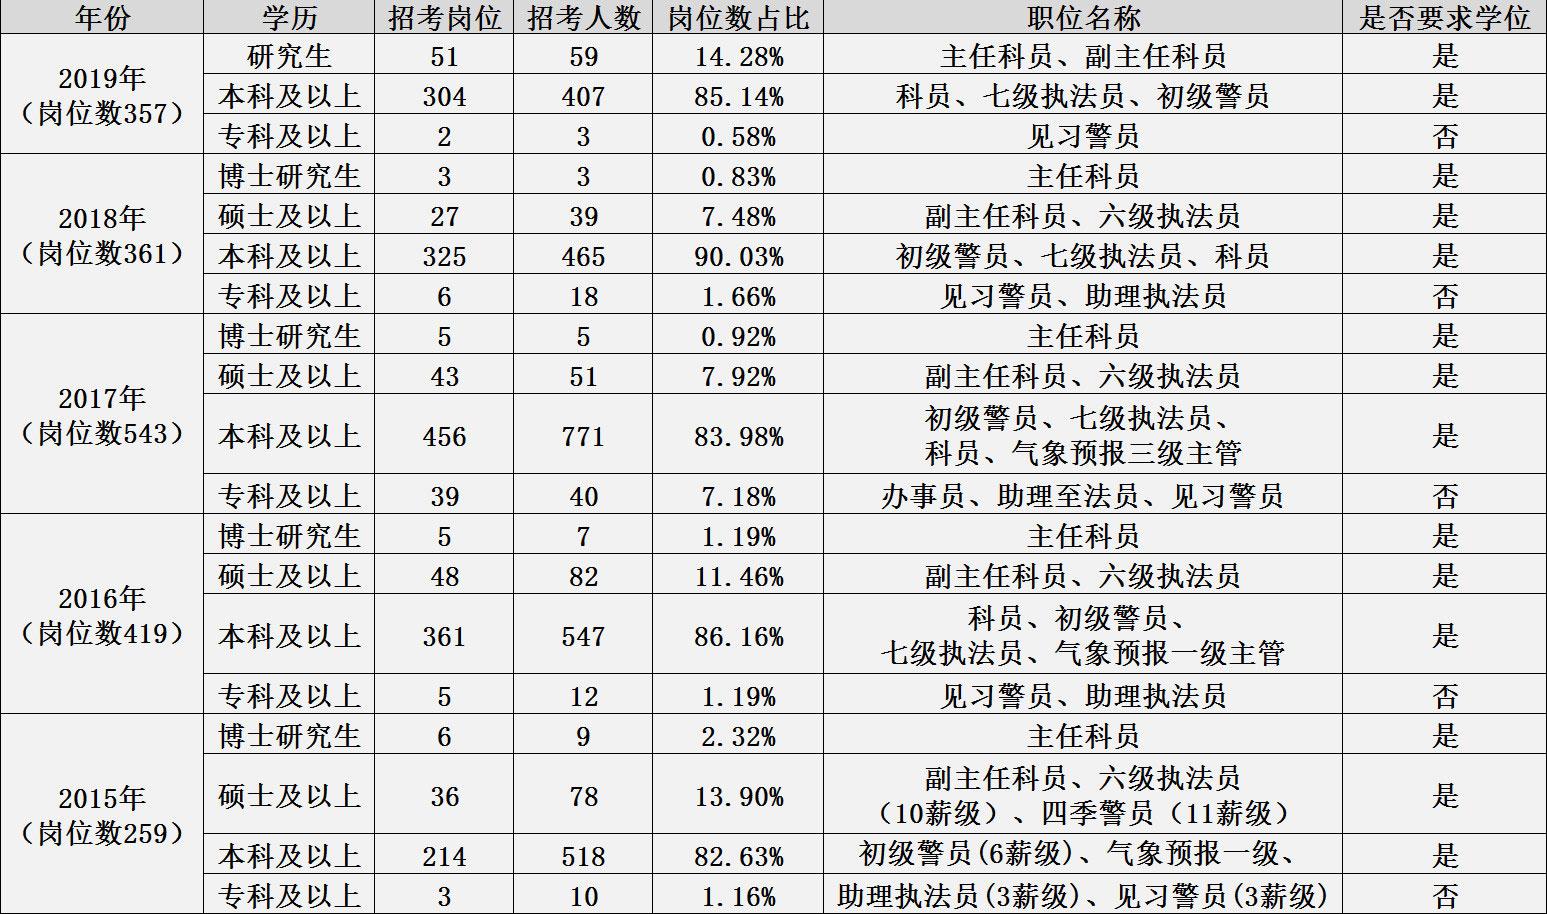 2020年深圳公务员考试关于学历常见问题汇总